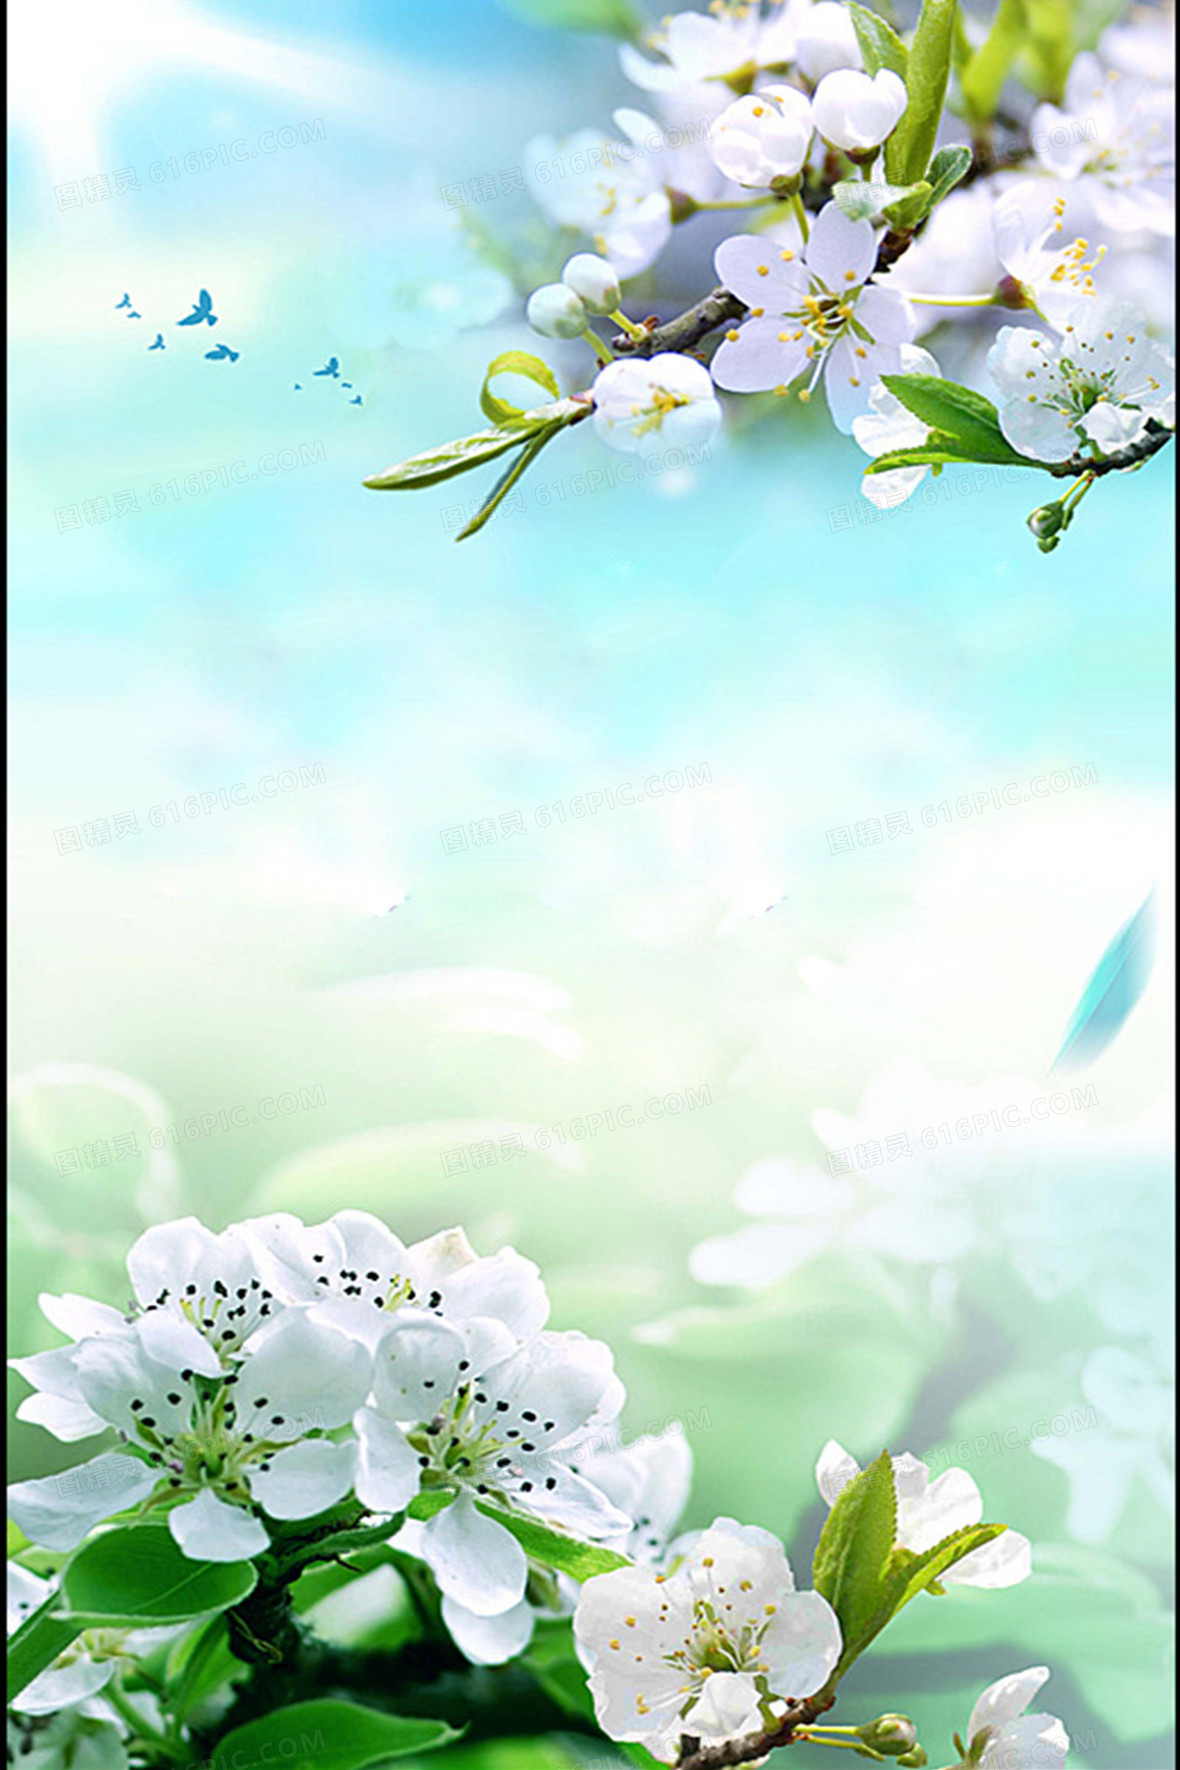 春季玉兰花背景素材